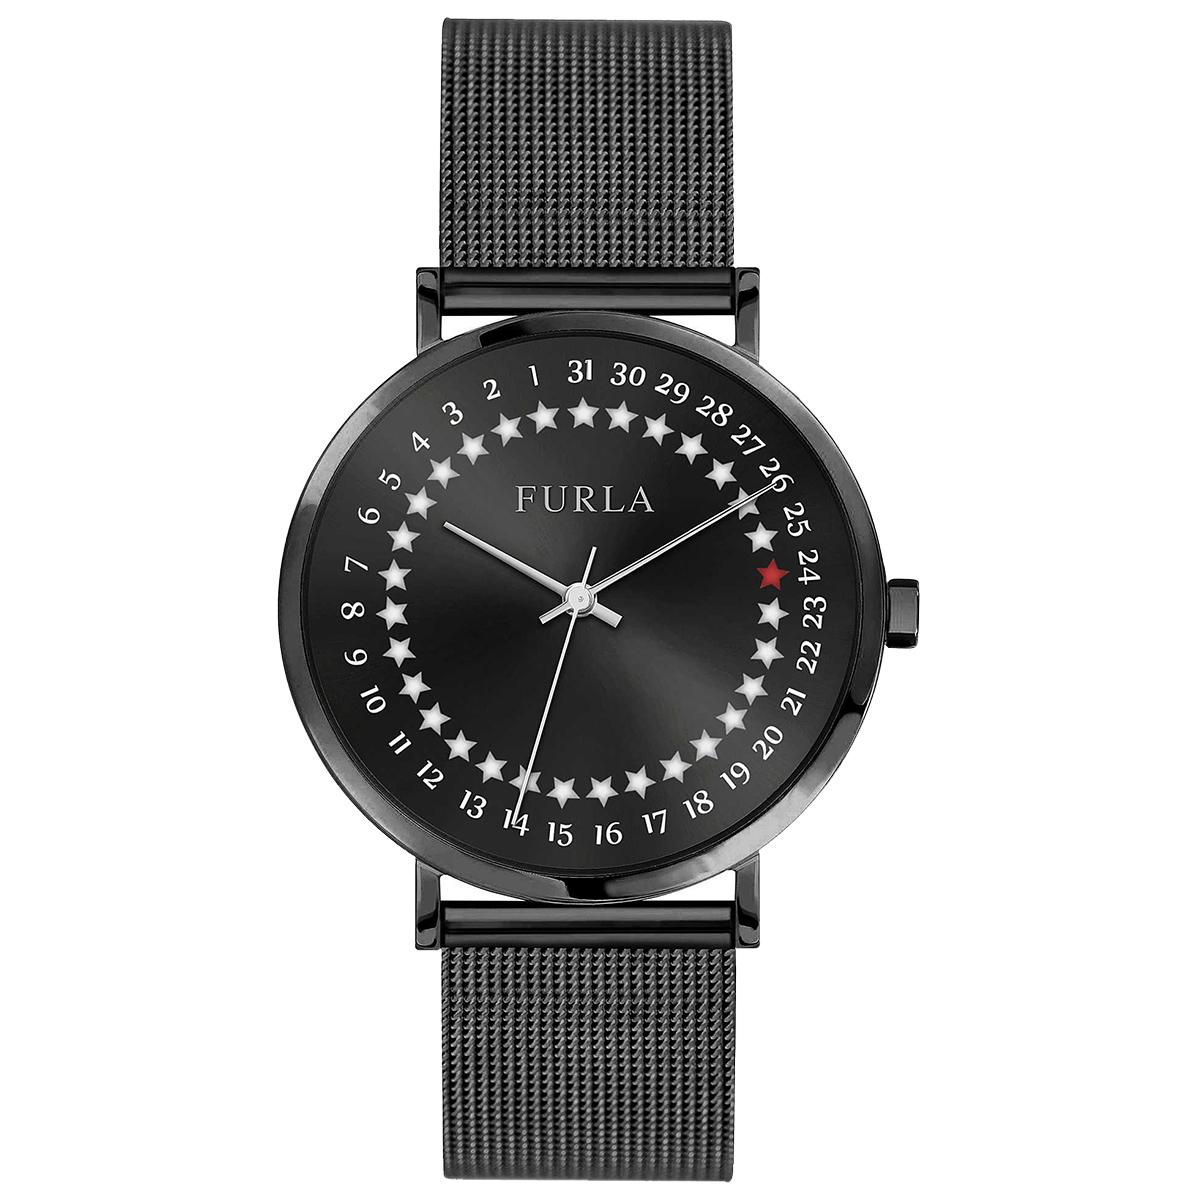 【全品送料無料】 フルラ FURLA GIADA DATE ジャーダ デート R4253121504 レディース 腕時計 クオーツ